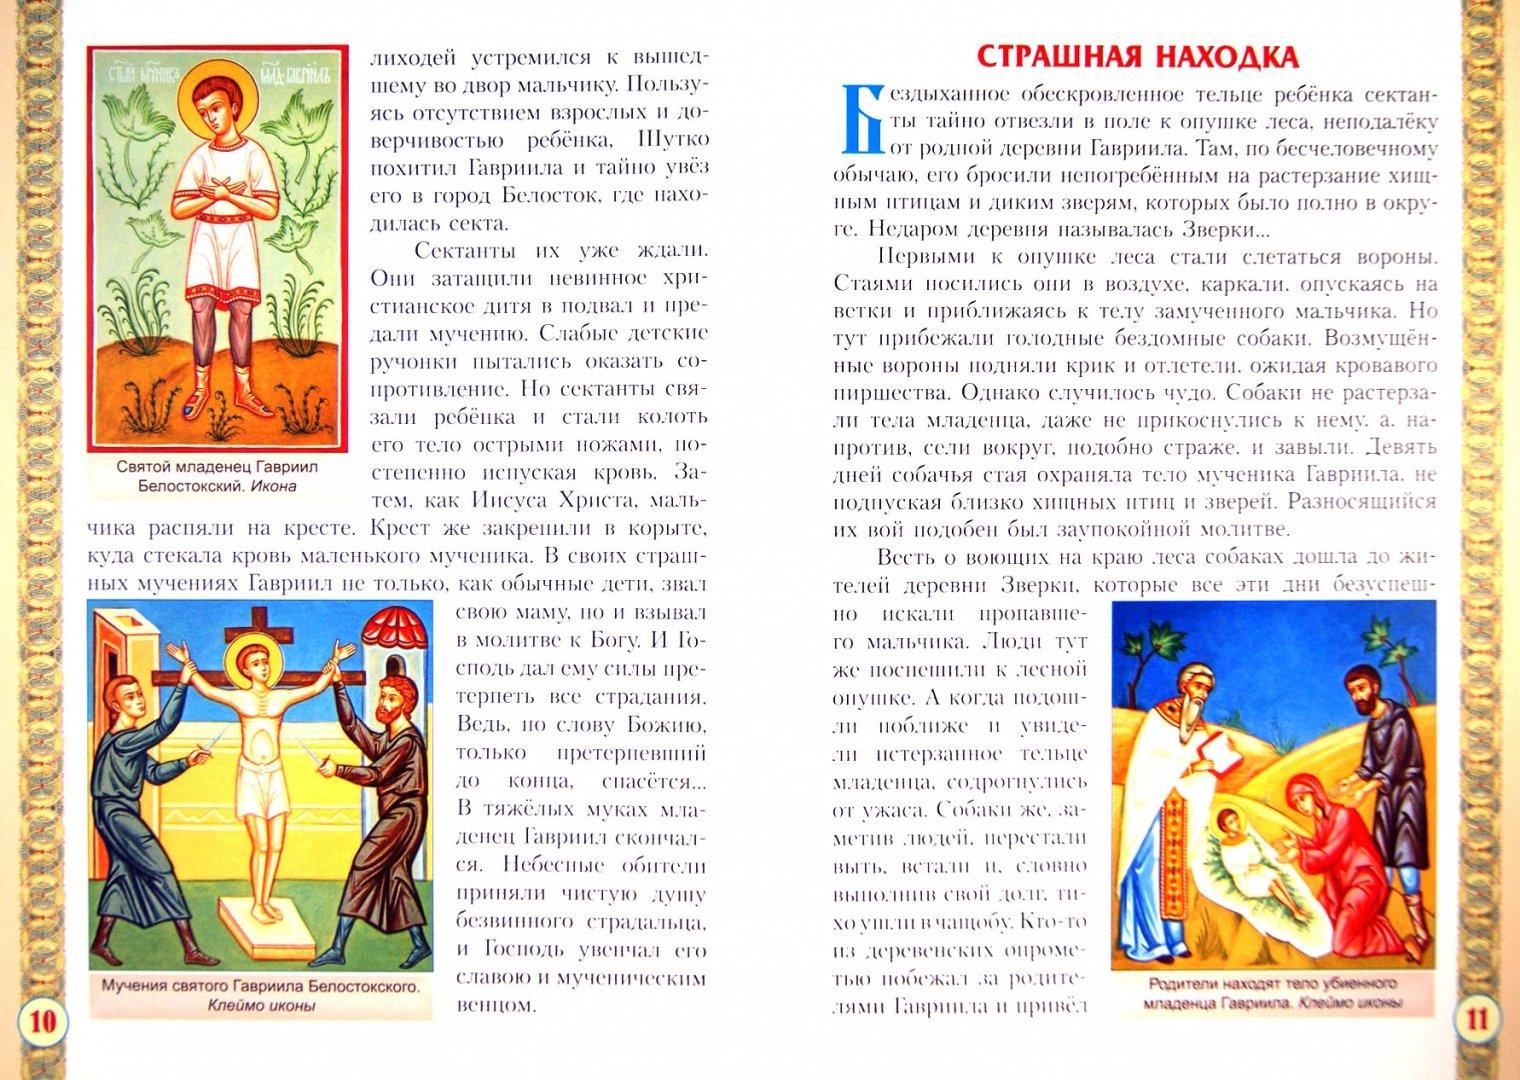 Иллюстрация 1 из 11 для Святой мученик Гавриил Белостокский. Небесный покровитель детей и подростков - Александр Велько | Лабиринт - книги. Источник: Лабиринт